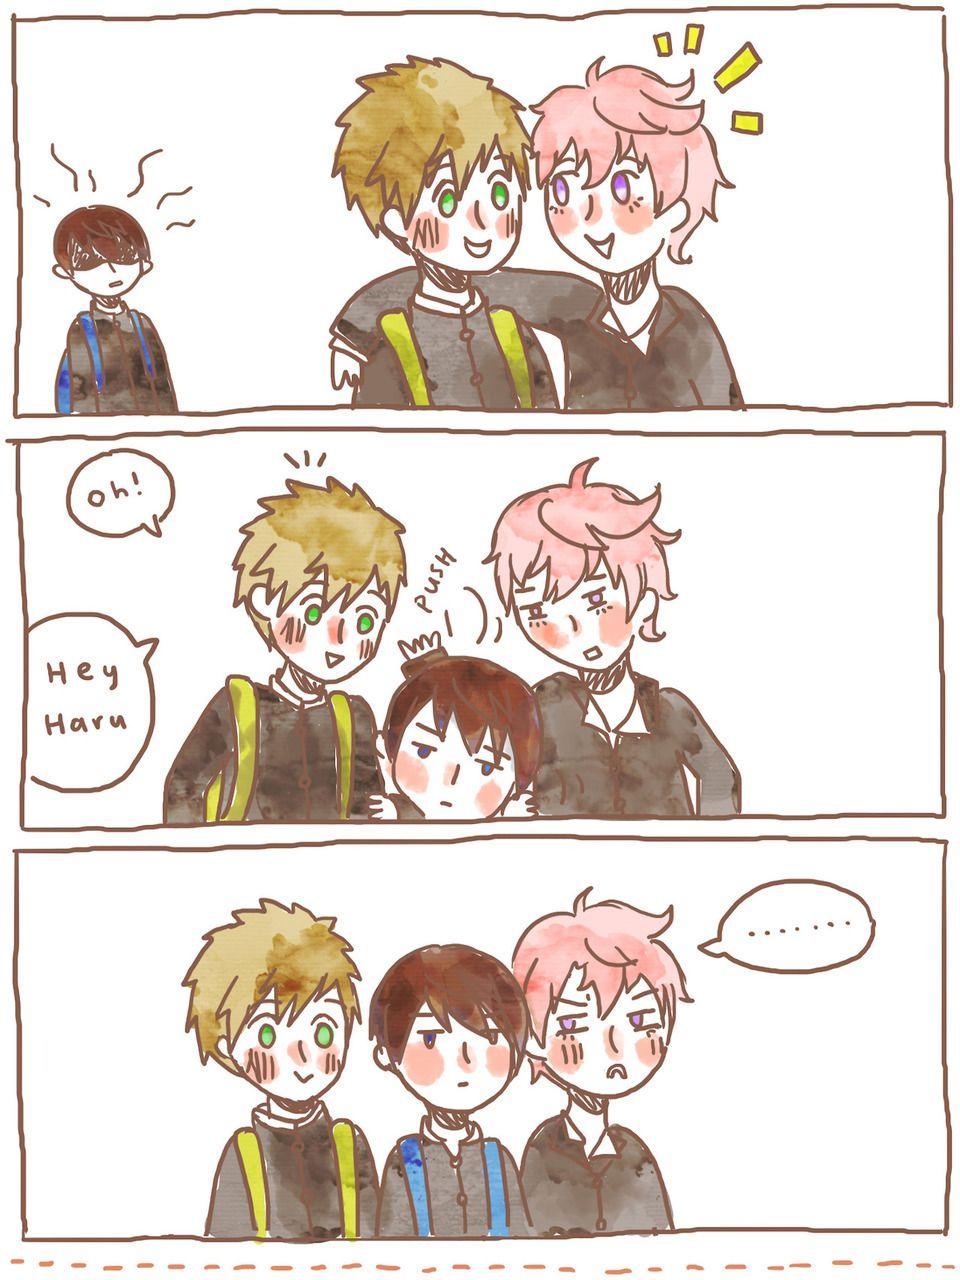 Makoto is Haru's ... Free! - Iwatobi Swim Club, haruka nanase, haru nanase, haru, free!, iwatobi, makoto tachibana, makoto, tachibana, nanase, kisumi shigino, shigino, kisumi